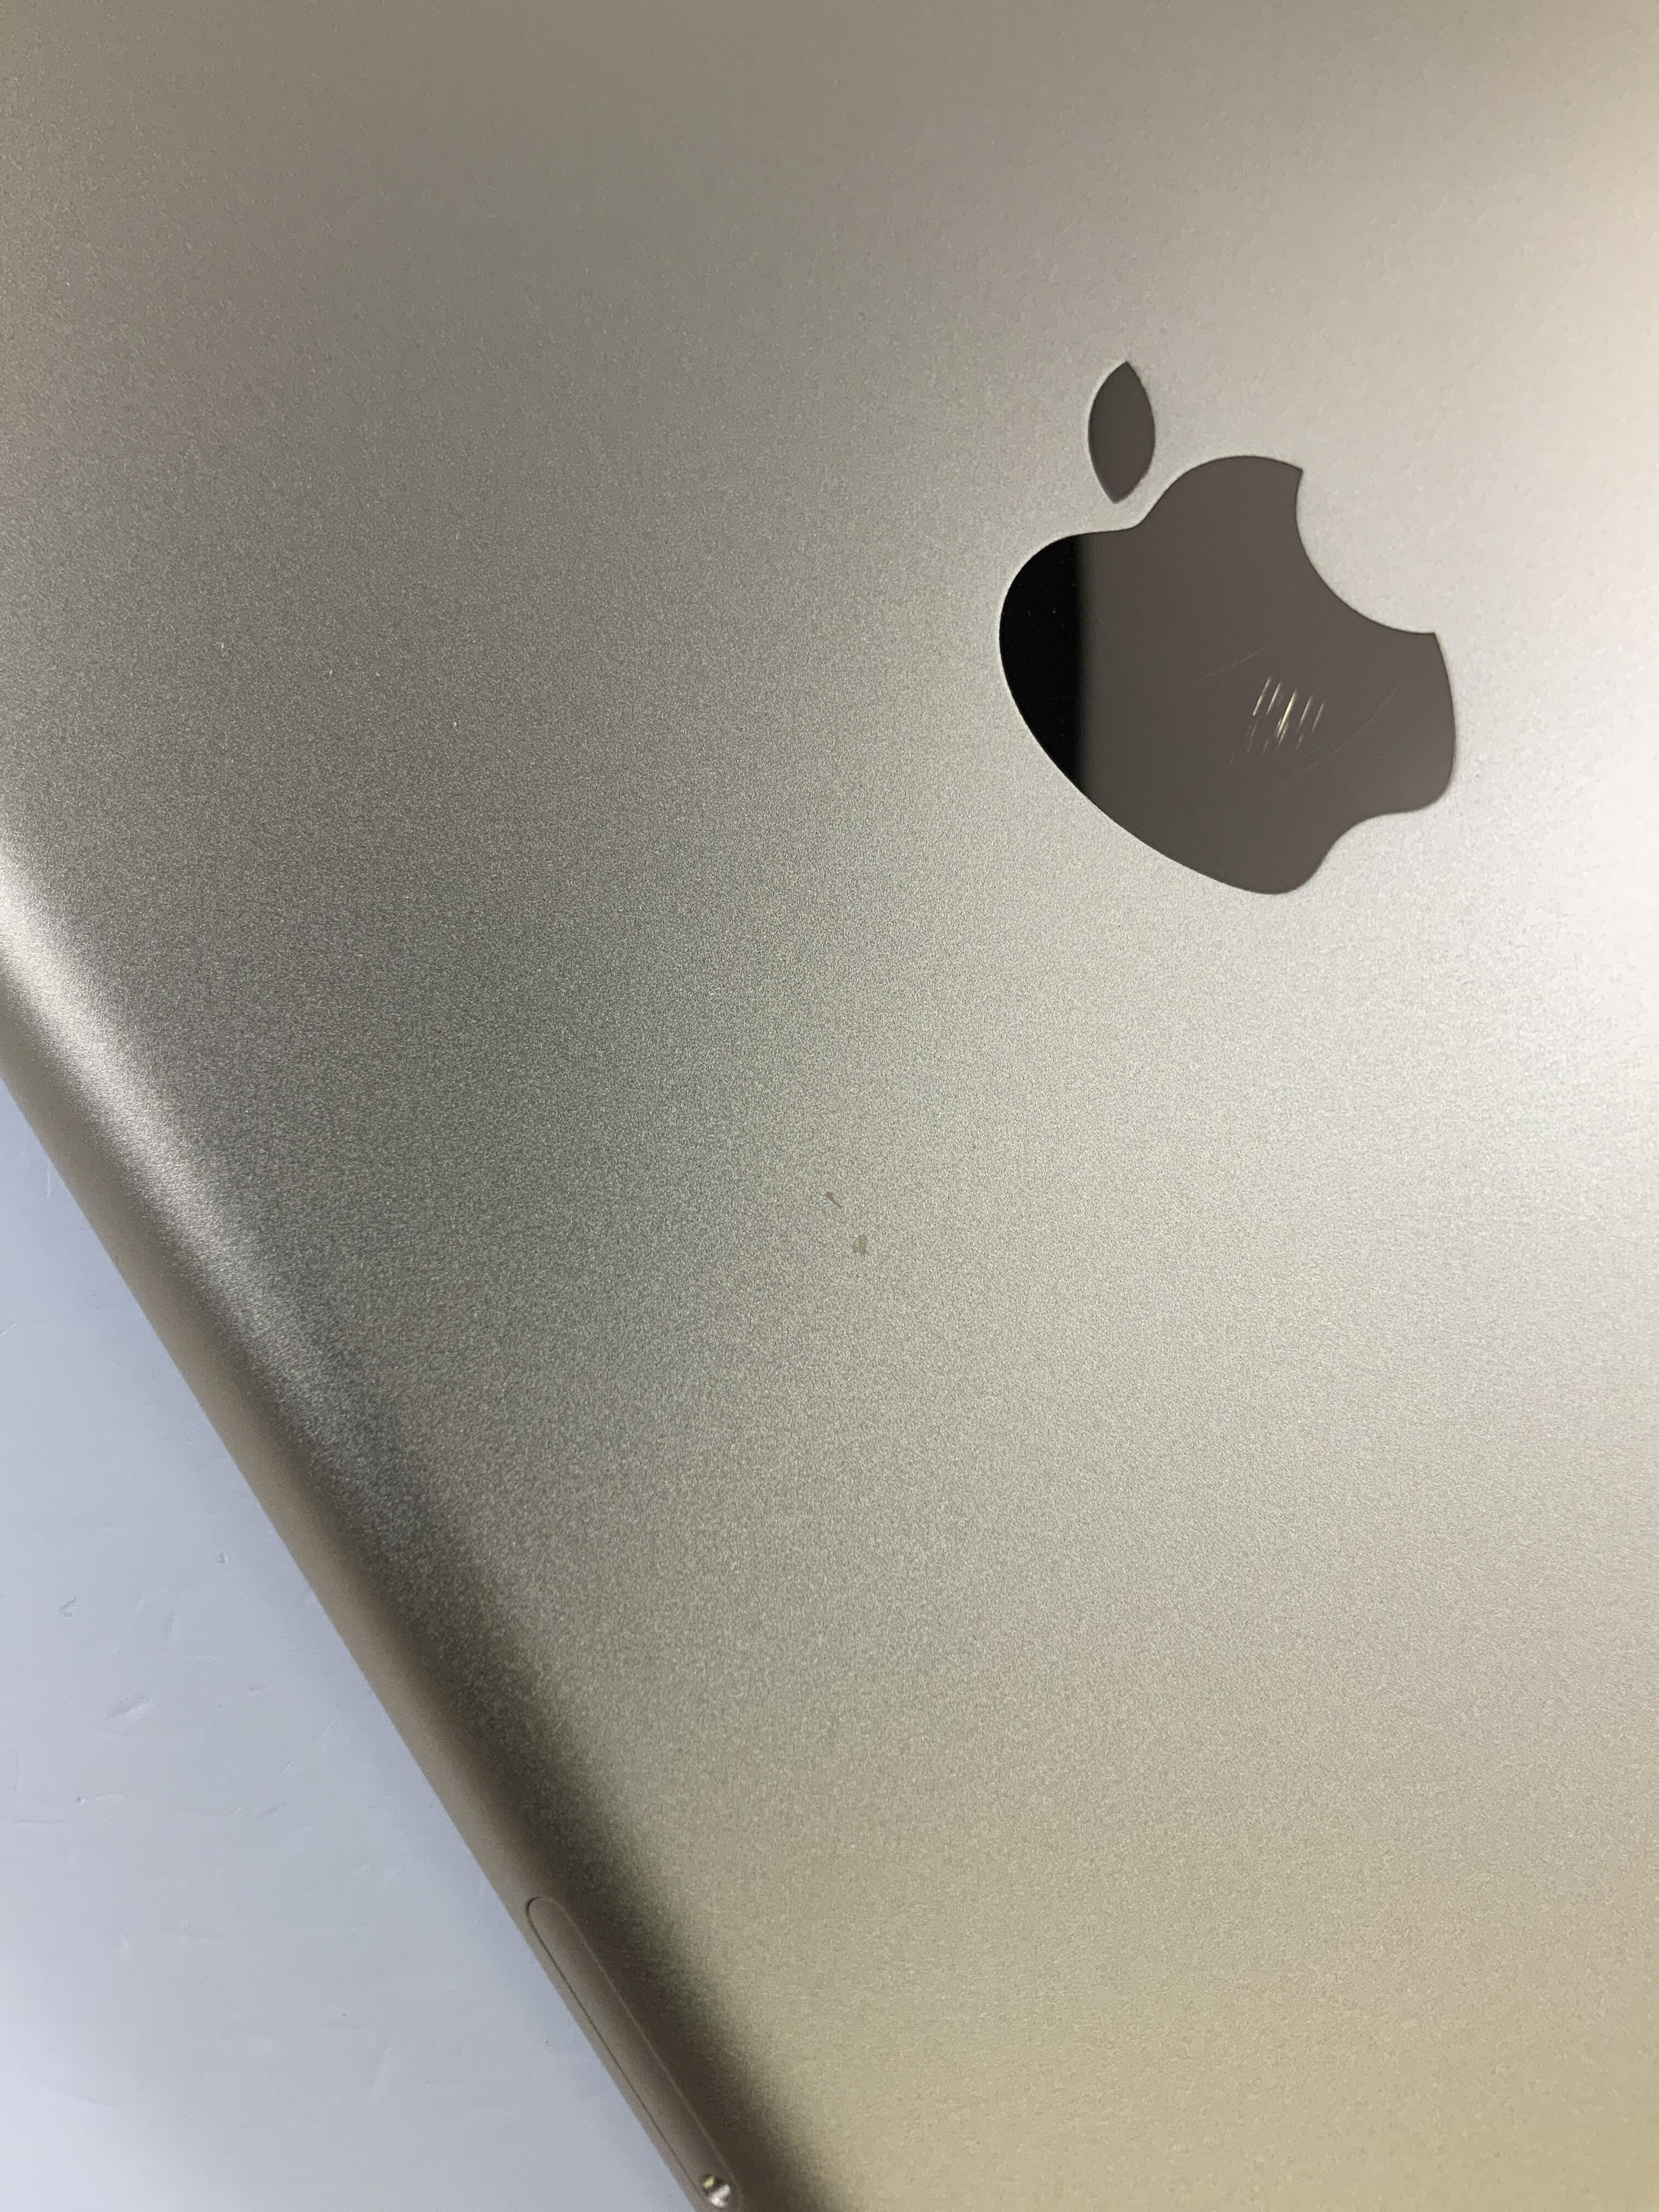 iPad mini 3 Wi-Fi + Cellular 64GB, 64GB, Gold, Kuva 3